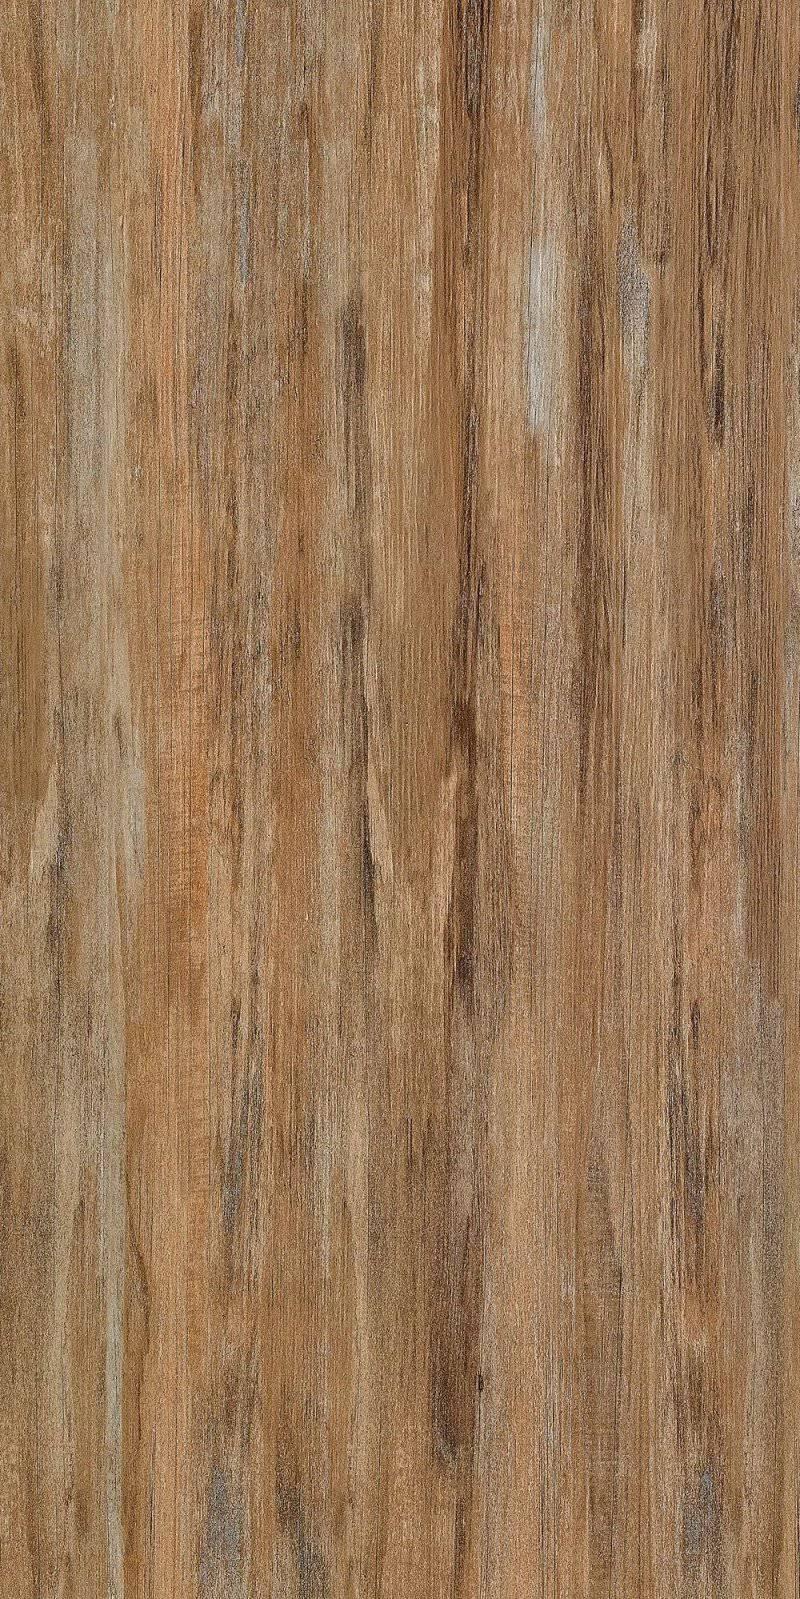 大将军瓷砖图片木纹砖系列 现代田园风格陶瓷效果图